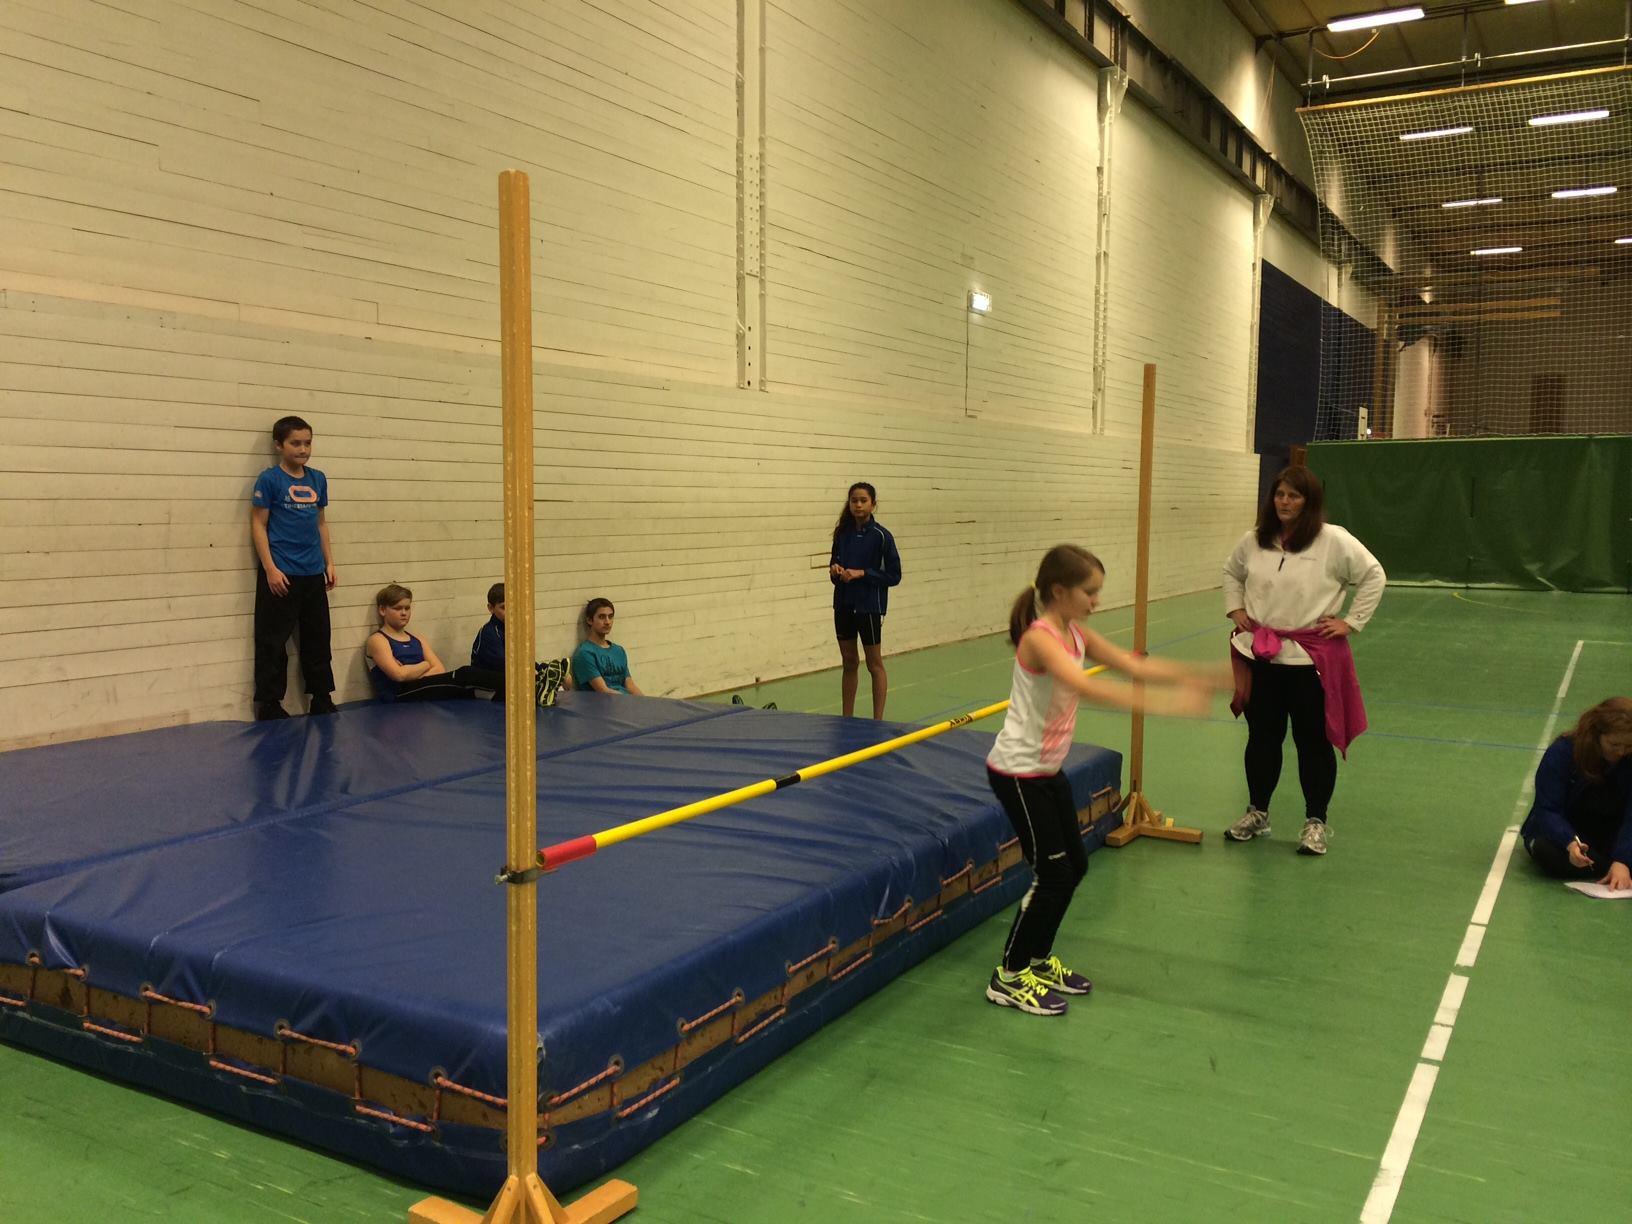 27 utøvere deltok på treningsstevne i Såheimshallen